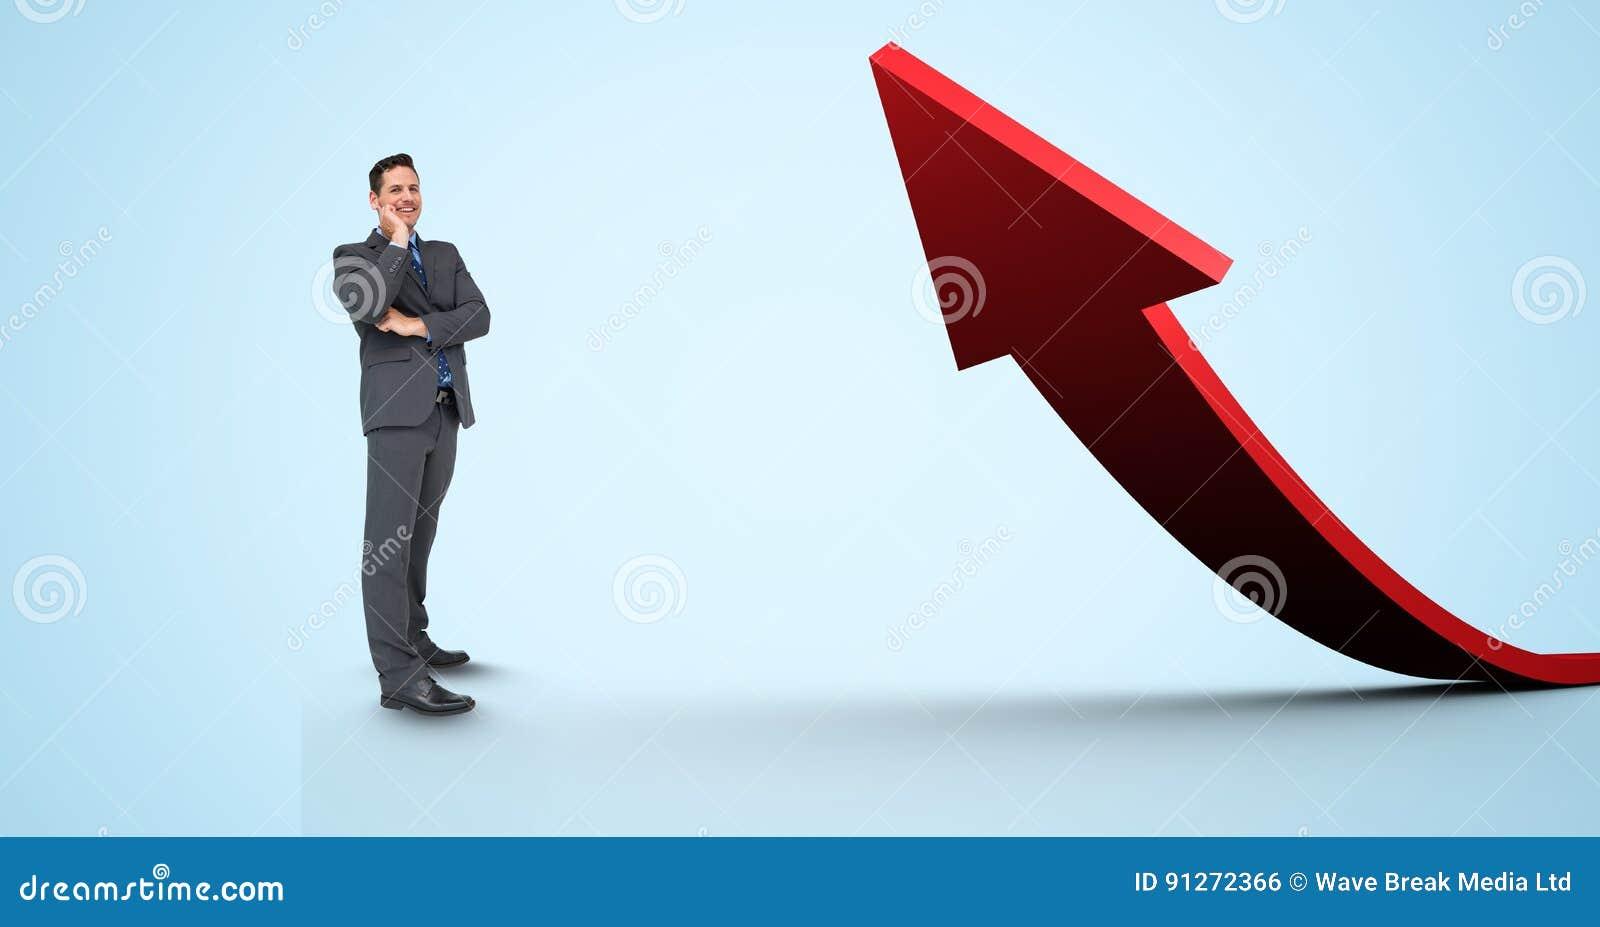 Imagem composta de Digitas do homem de negócios que está pela seta vermelha